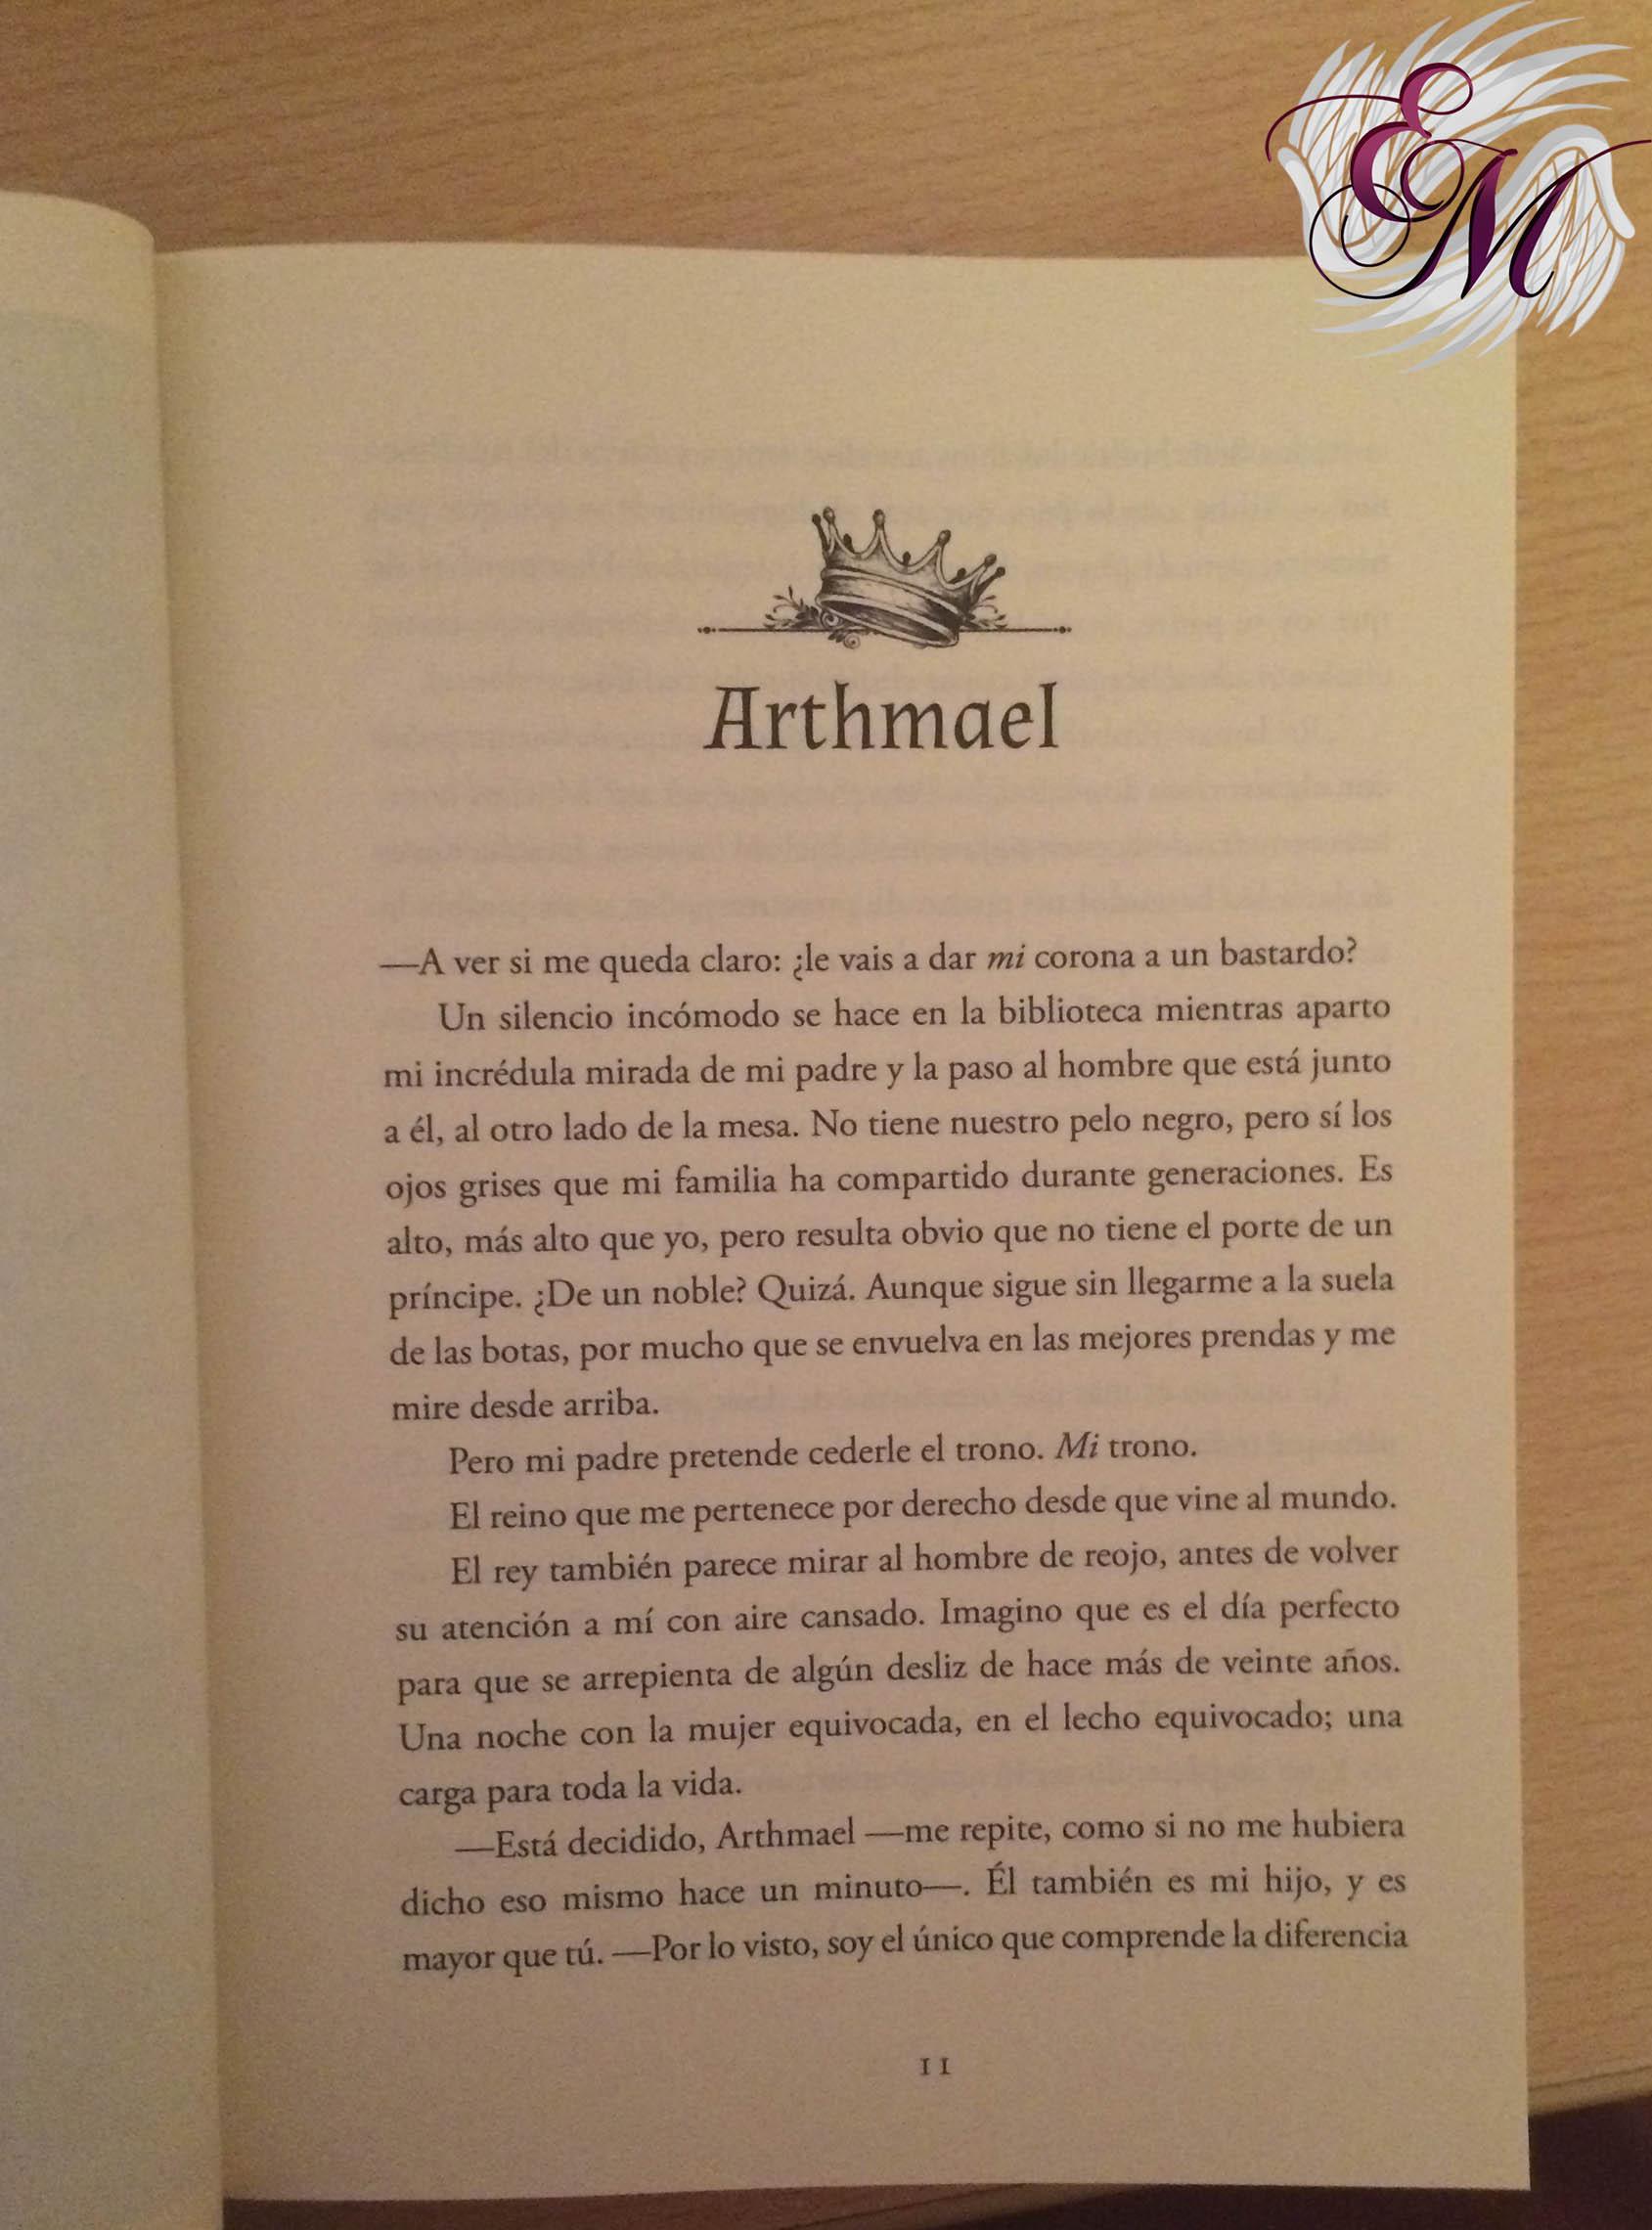 Sueños de Piedra - Arthmael